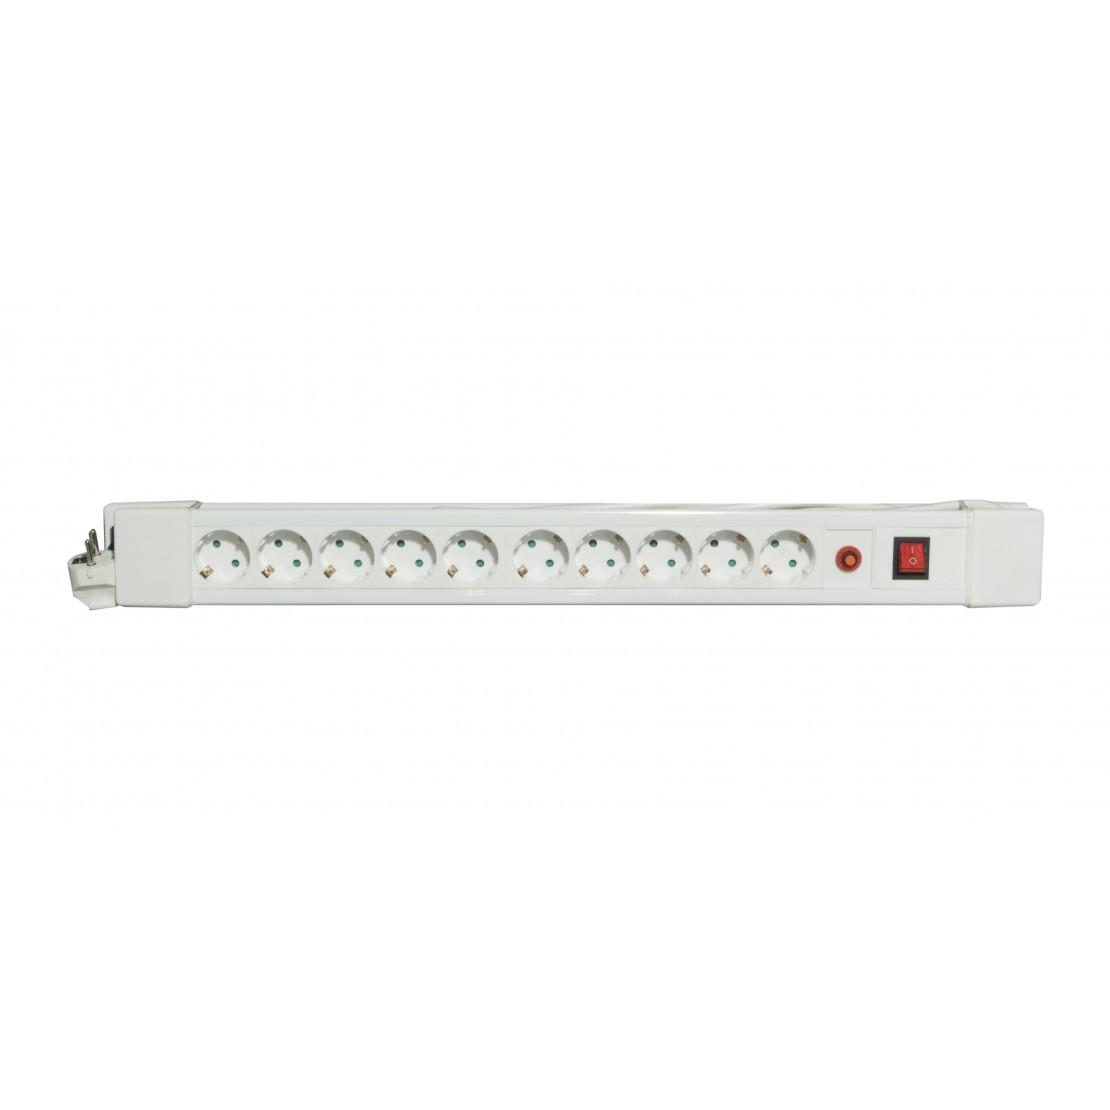 Bloc 10 x 16 A avec interrupte ur - 1,5 m 3 x 1.5mm2- blanc ( SCH)